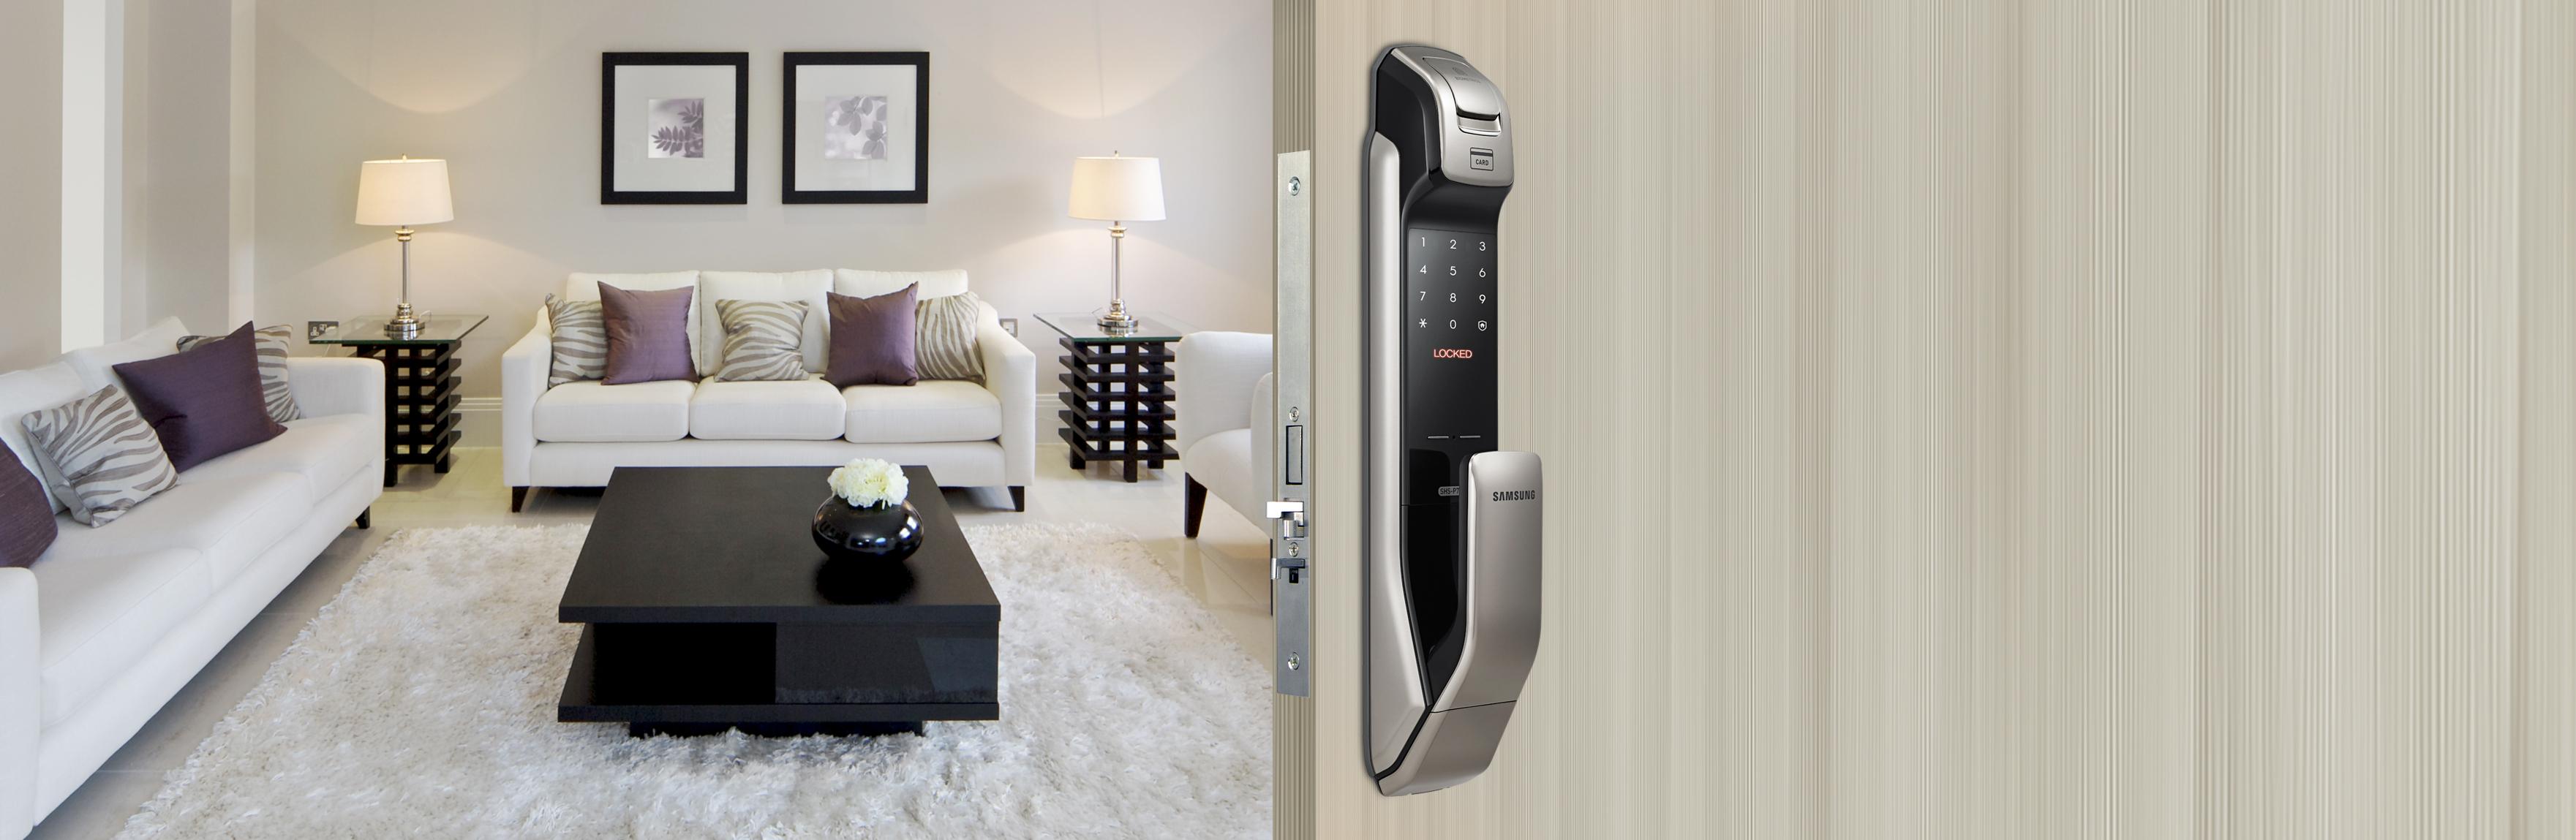 Samsungdigitallife Samsung Mortise Digital Door Locks